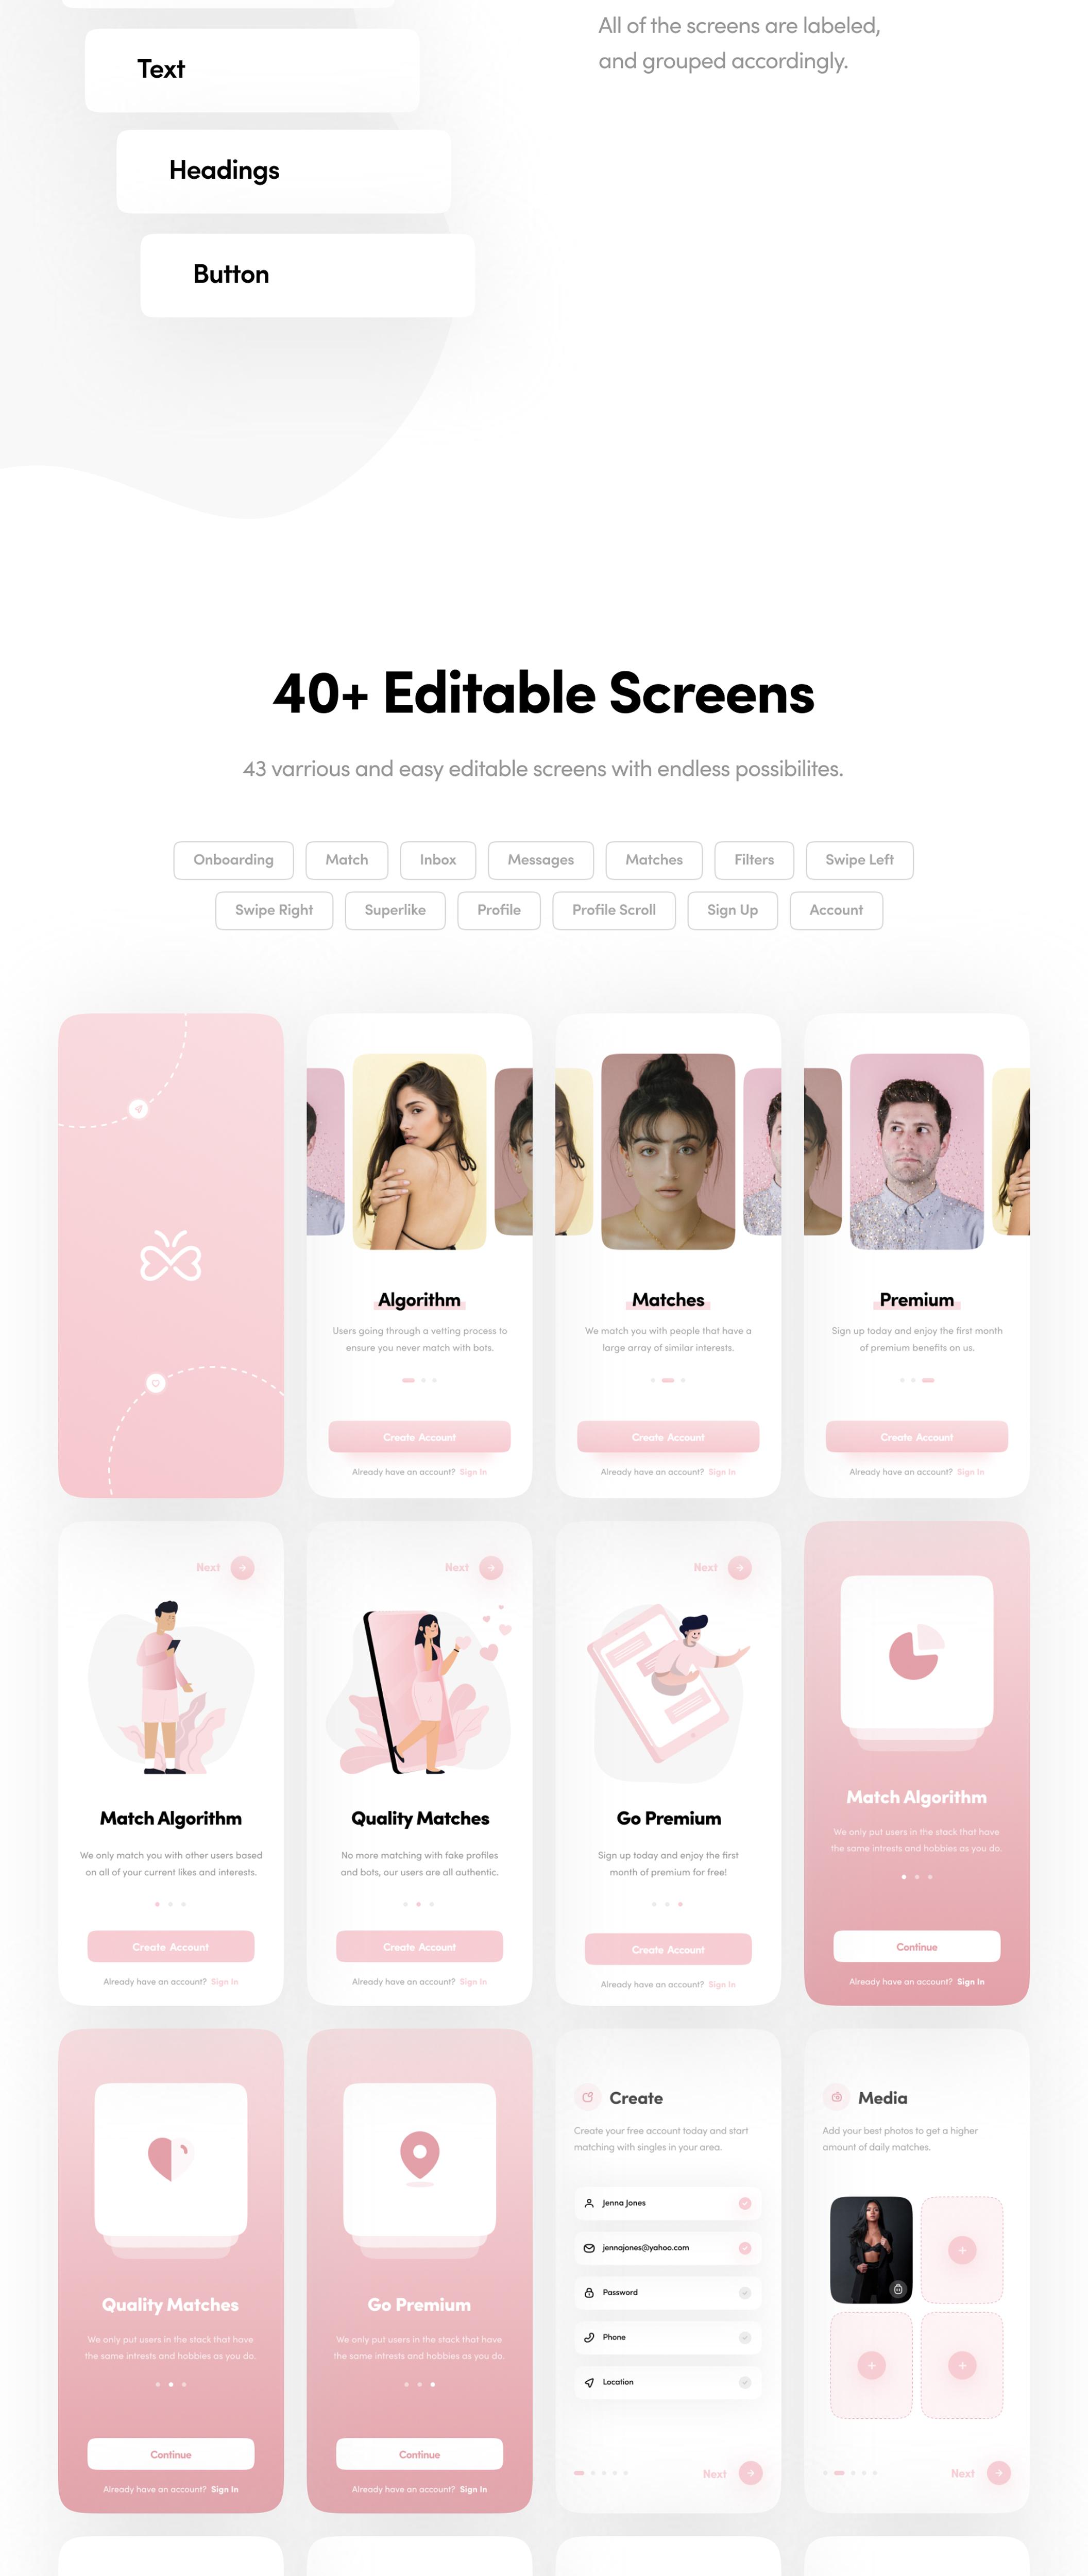 高端交友约会APP应用程序UI套件 Sprout Dating App UI Kit插图(7)